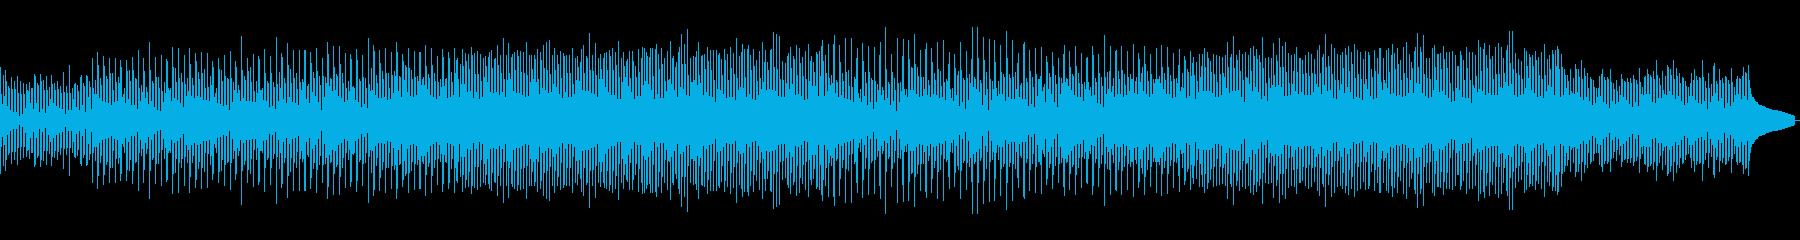 爽やかで明るいピアノポップの再生済みの波形